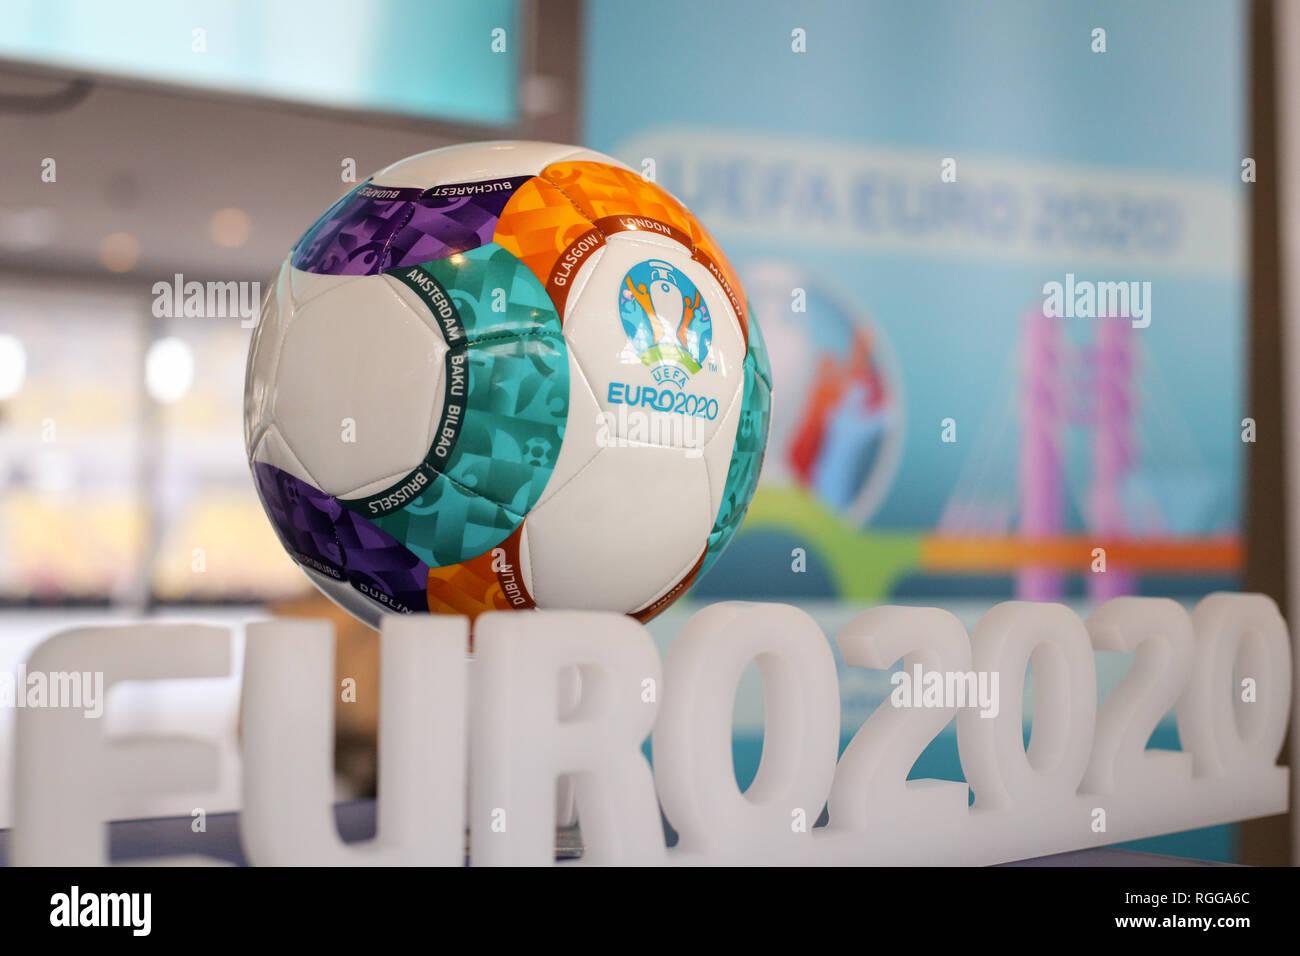 Euro 2020 Ball Stock Photos Euro 2020 Ball Stock Images